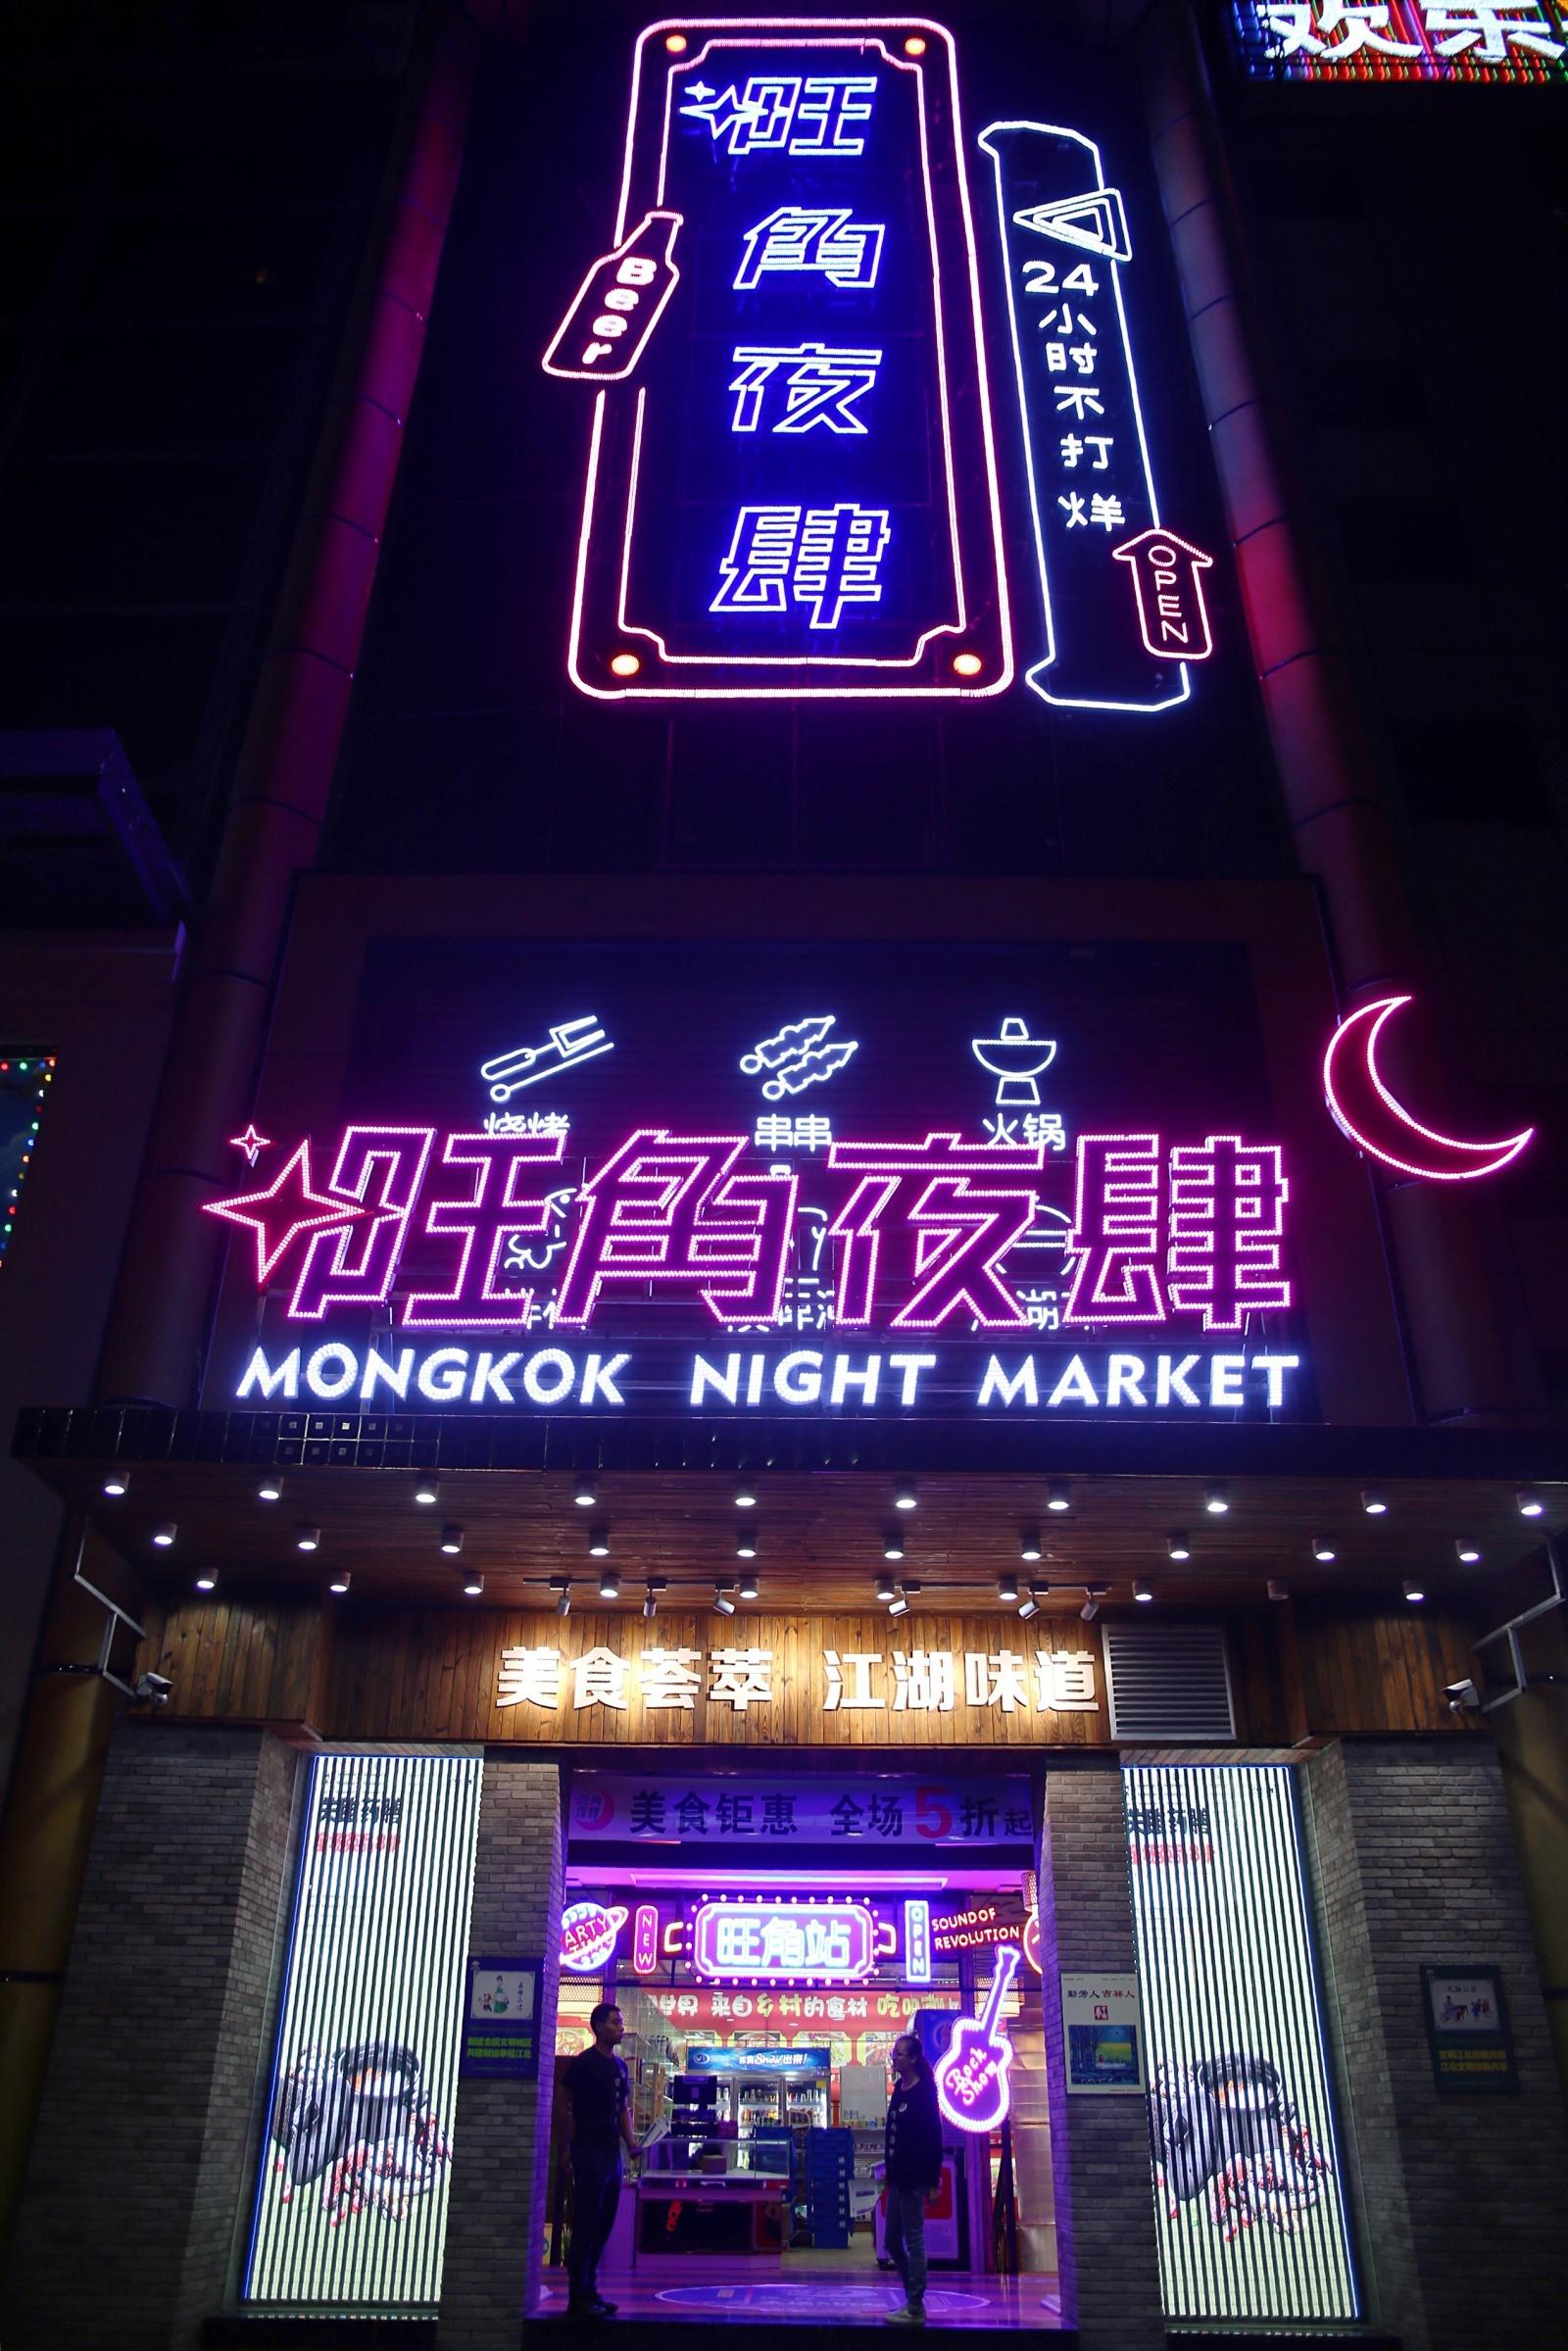 金源时代歌剧院_重庆新开24小时营业美食城,国庆期间全场5折起!